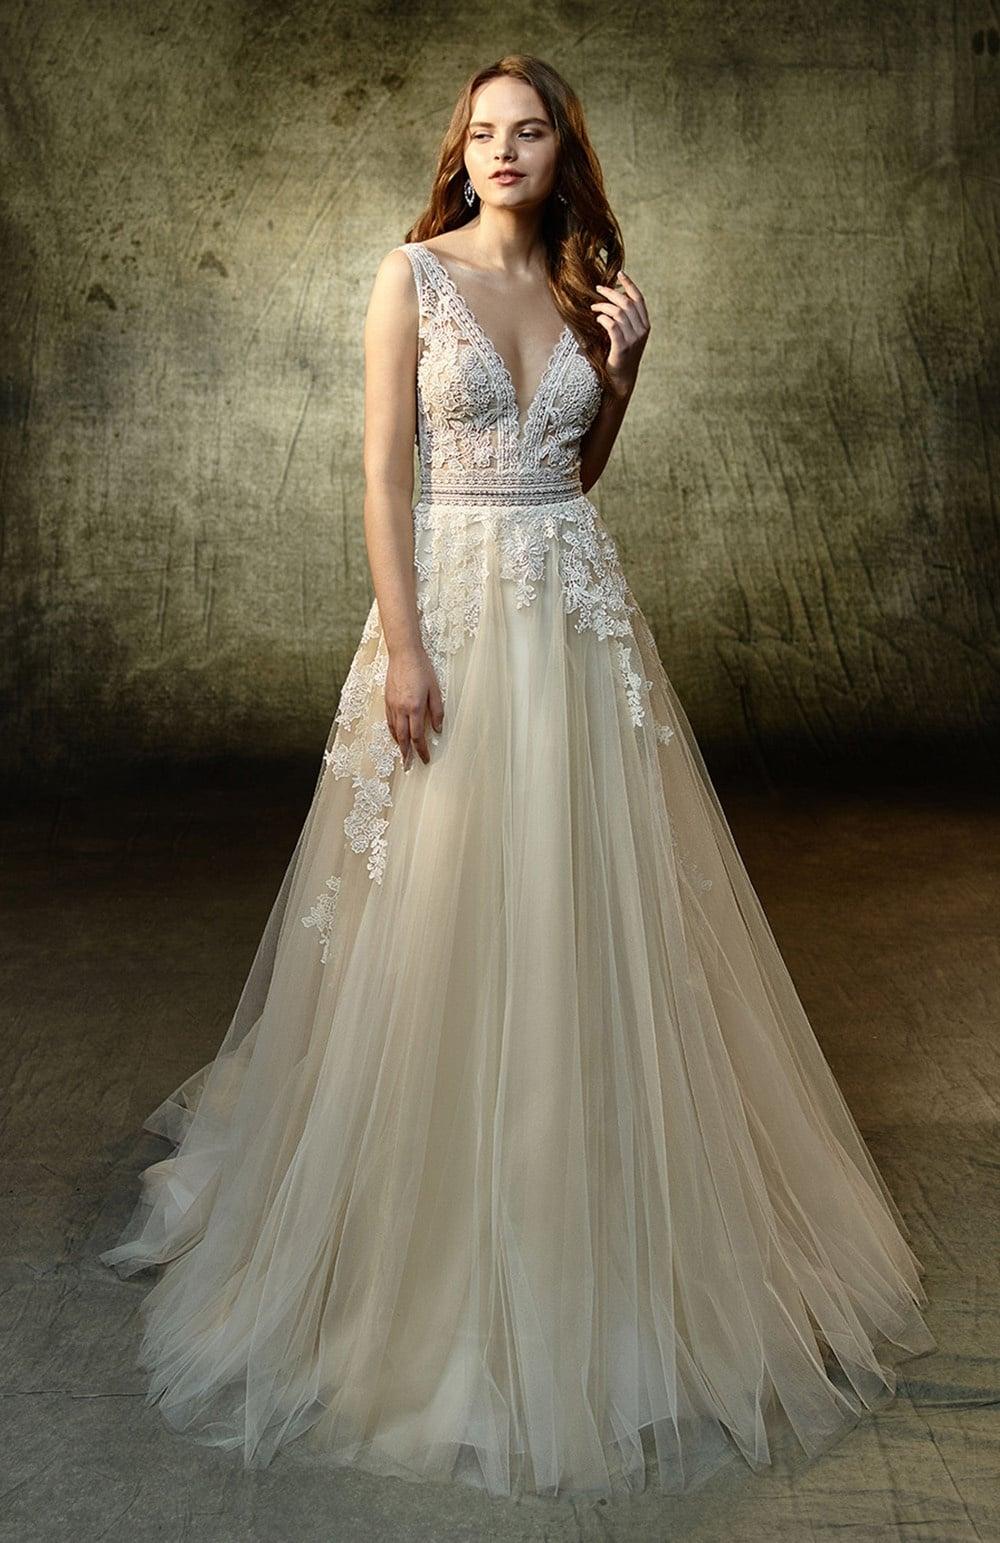 Robe de mariée Modèle Lavender